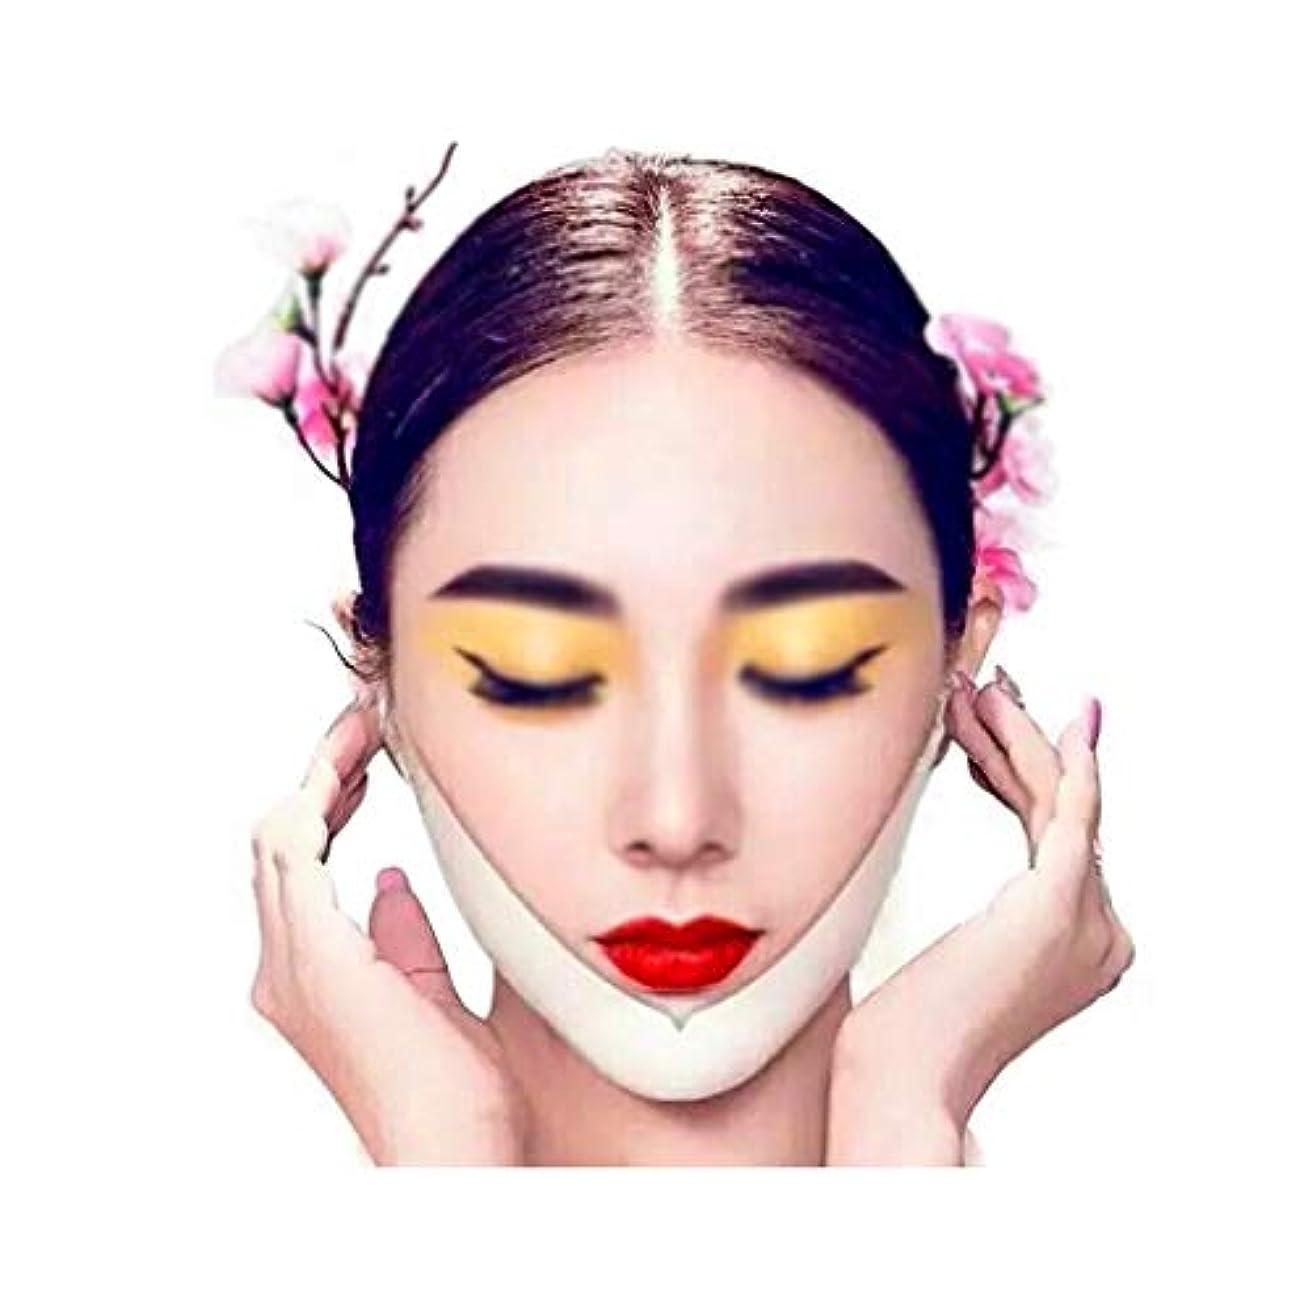 ジャンプするタクシーソフィーXHLMRMJ 薄い顔のマスク、Vの顔の包帯、下顎の咬筋のあごを改善して顔のラインを形作る、5つのボックス、3つの顔のマスク